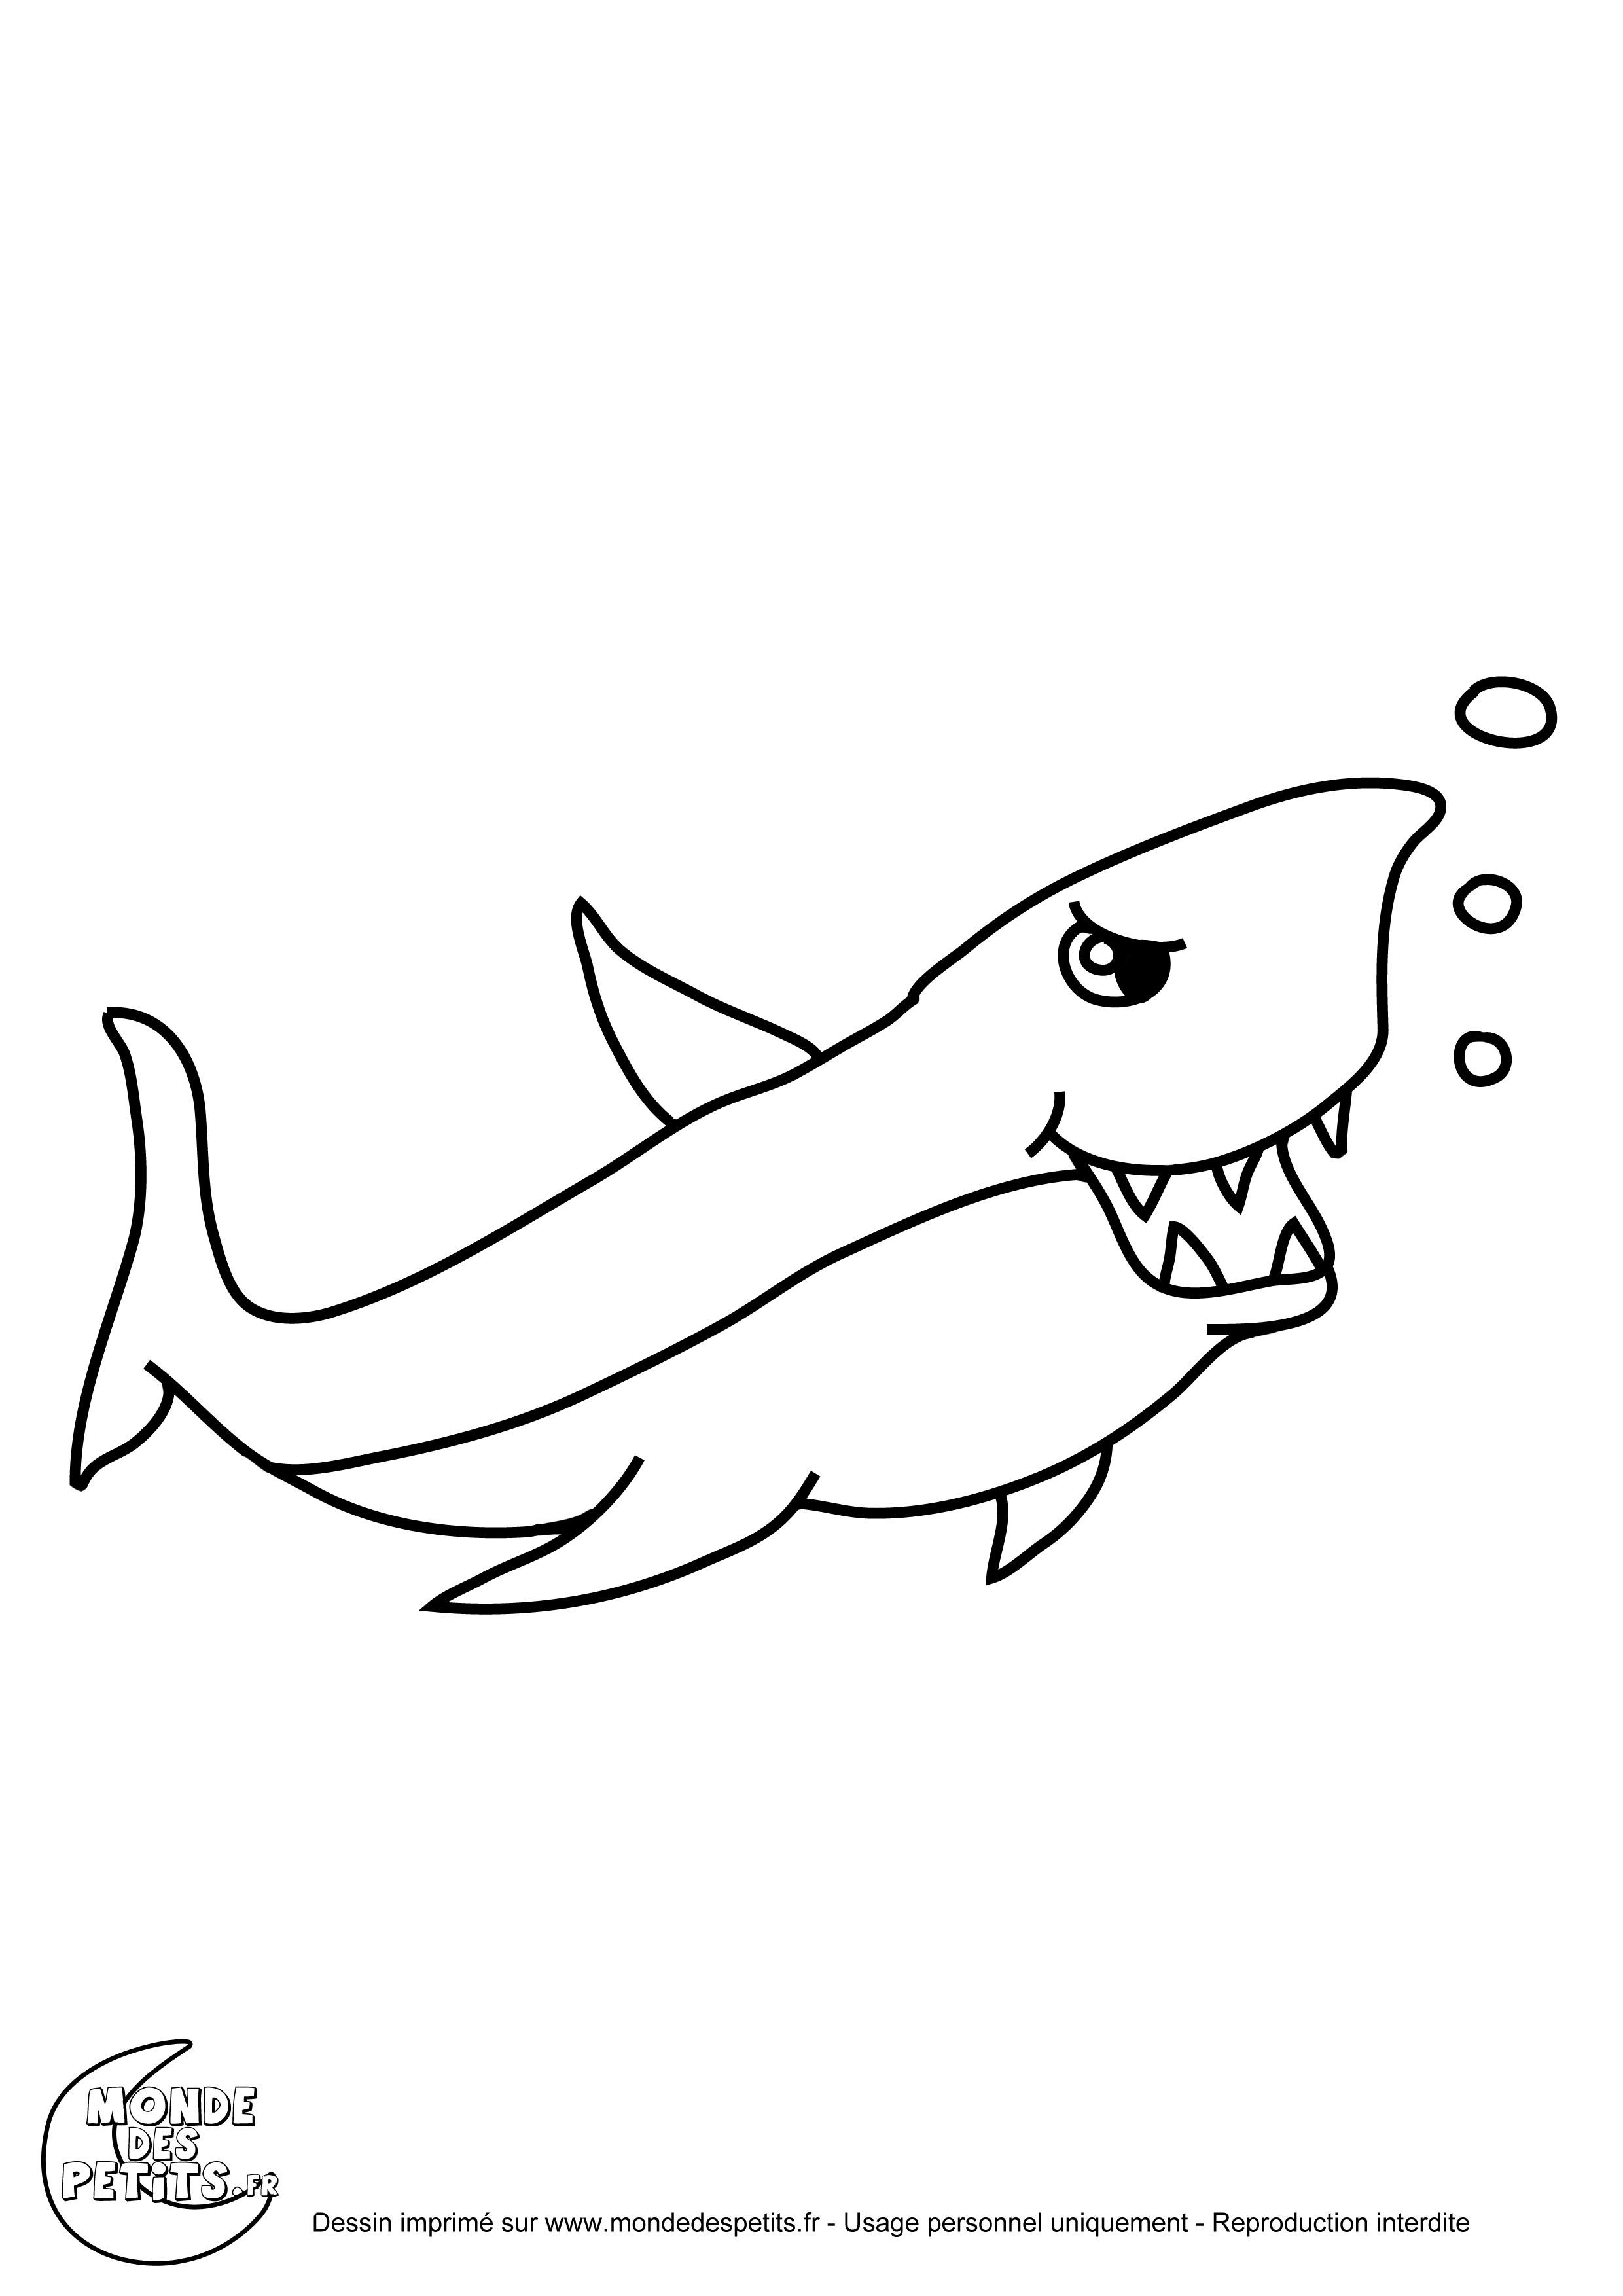 Monde des petits coloriages imprimer - Coloriage de requin a imprimer ...